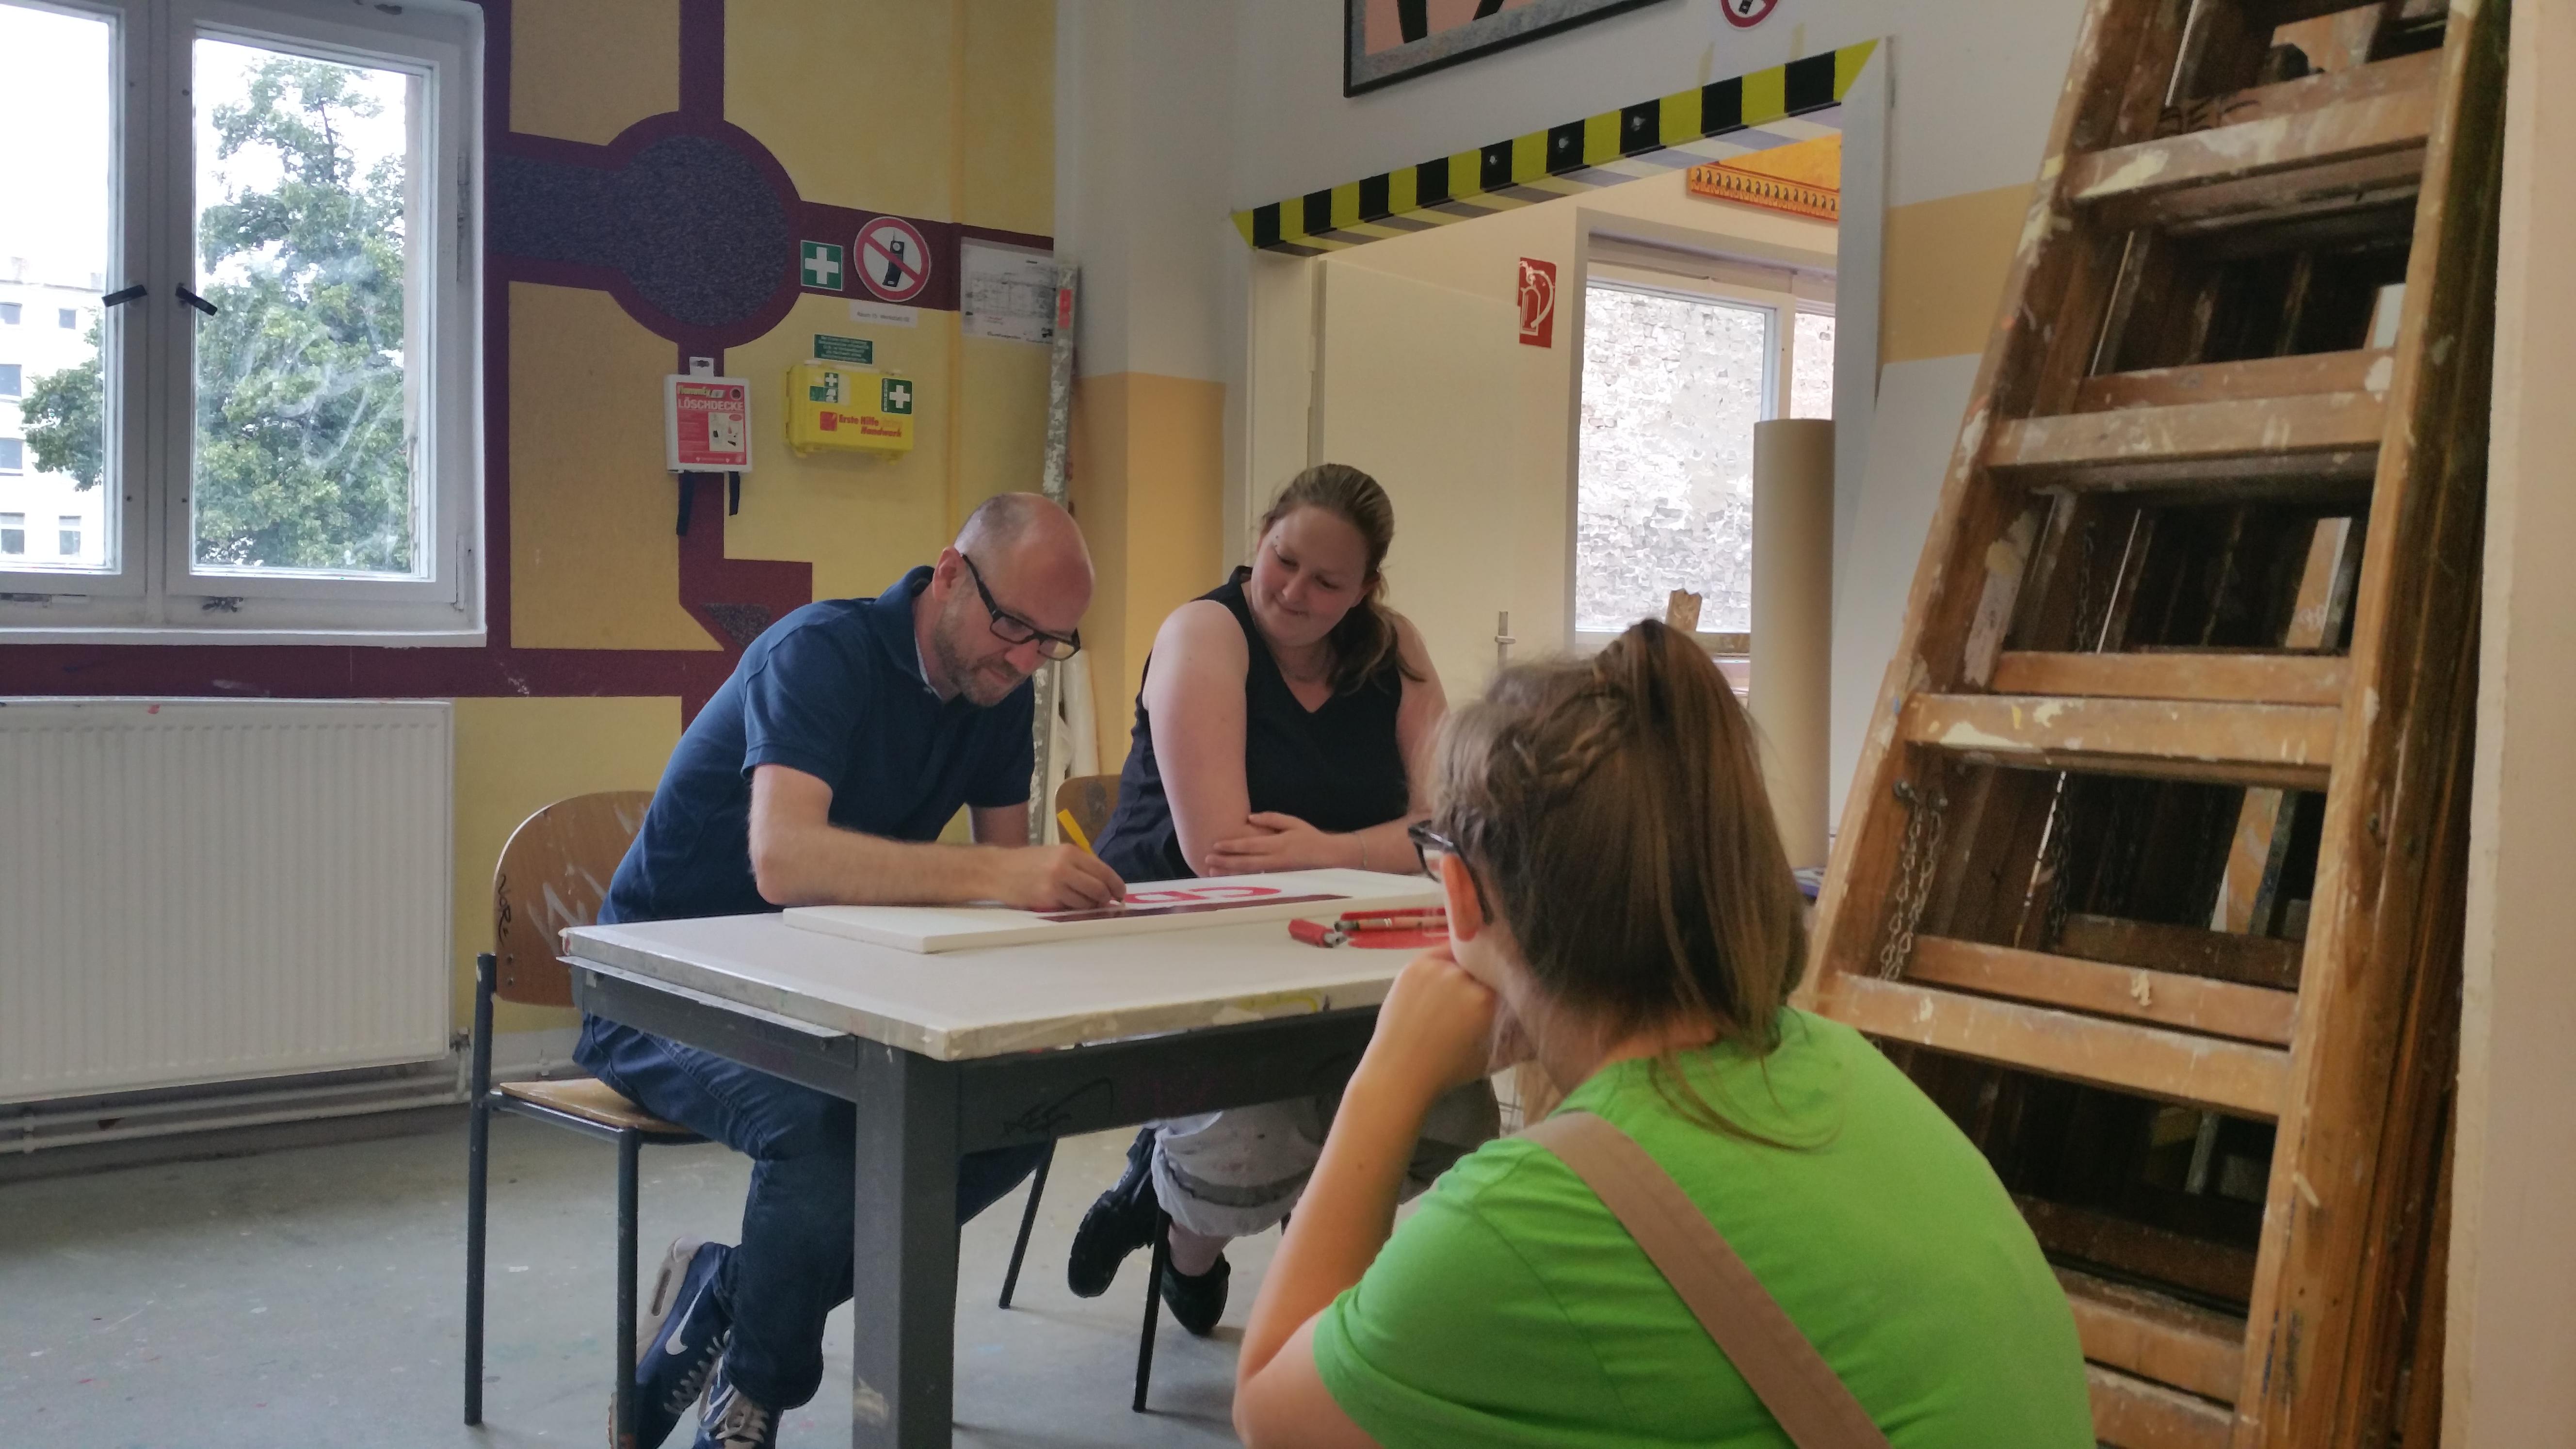 Zwischenstopp in Berlin an meinem dritten Praktikumstag bei der Jugendberufshilfe und der Volkshochschule (Foto: Blind)